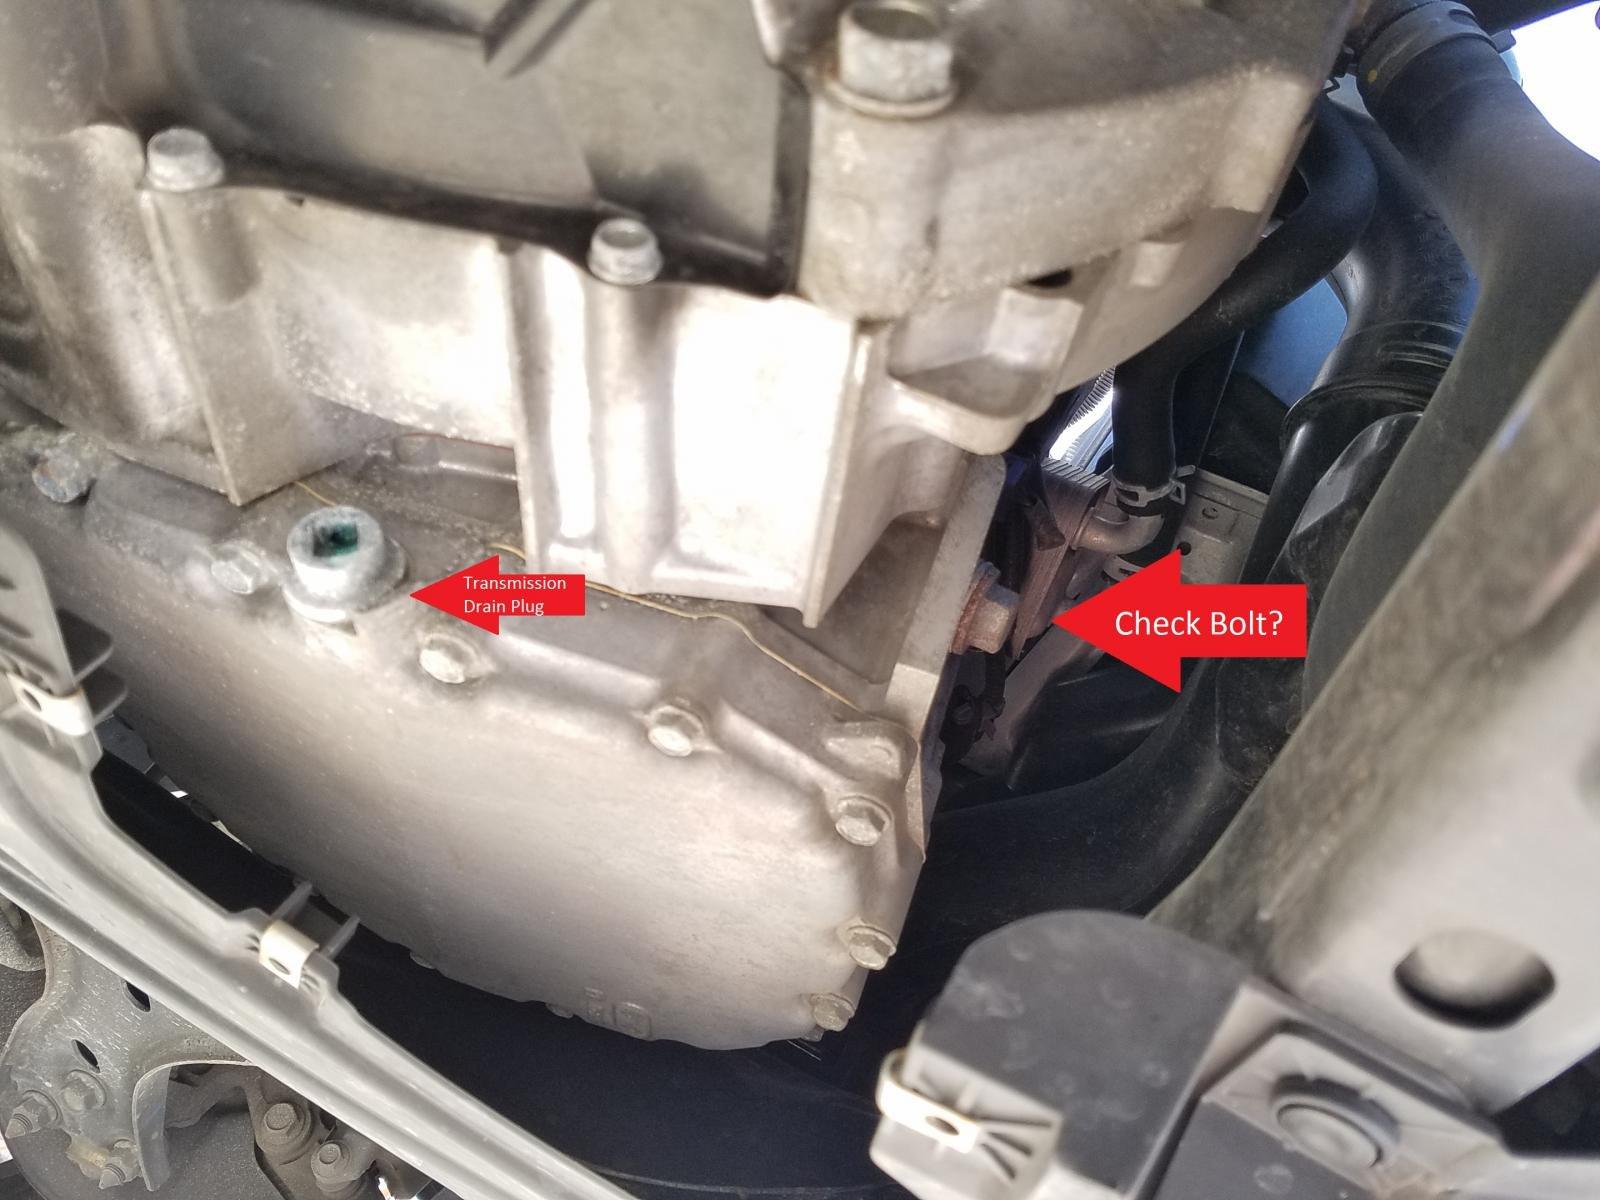 2014 cvt transmission fluid change-20161113_141254-copy.jpg